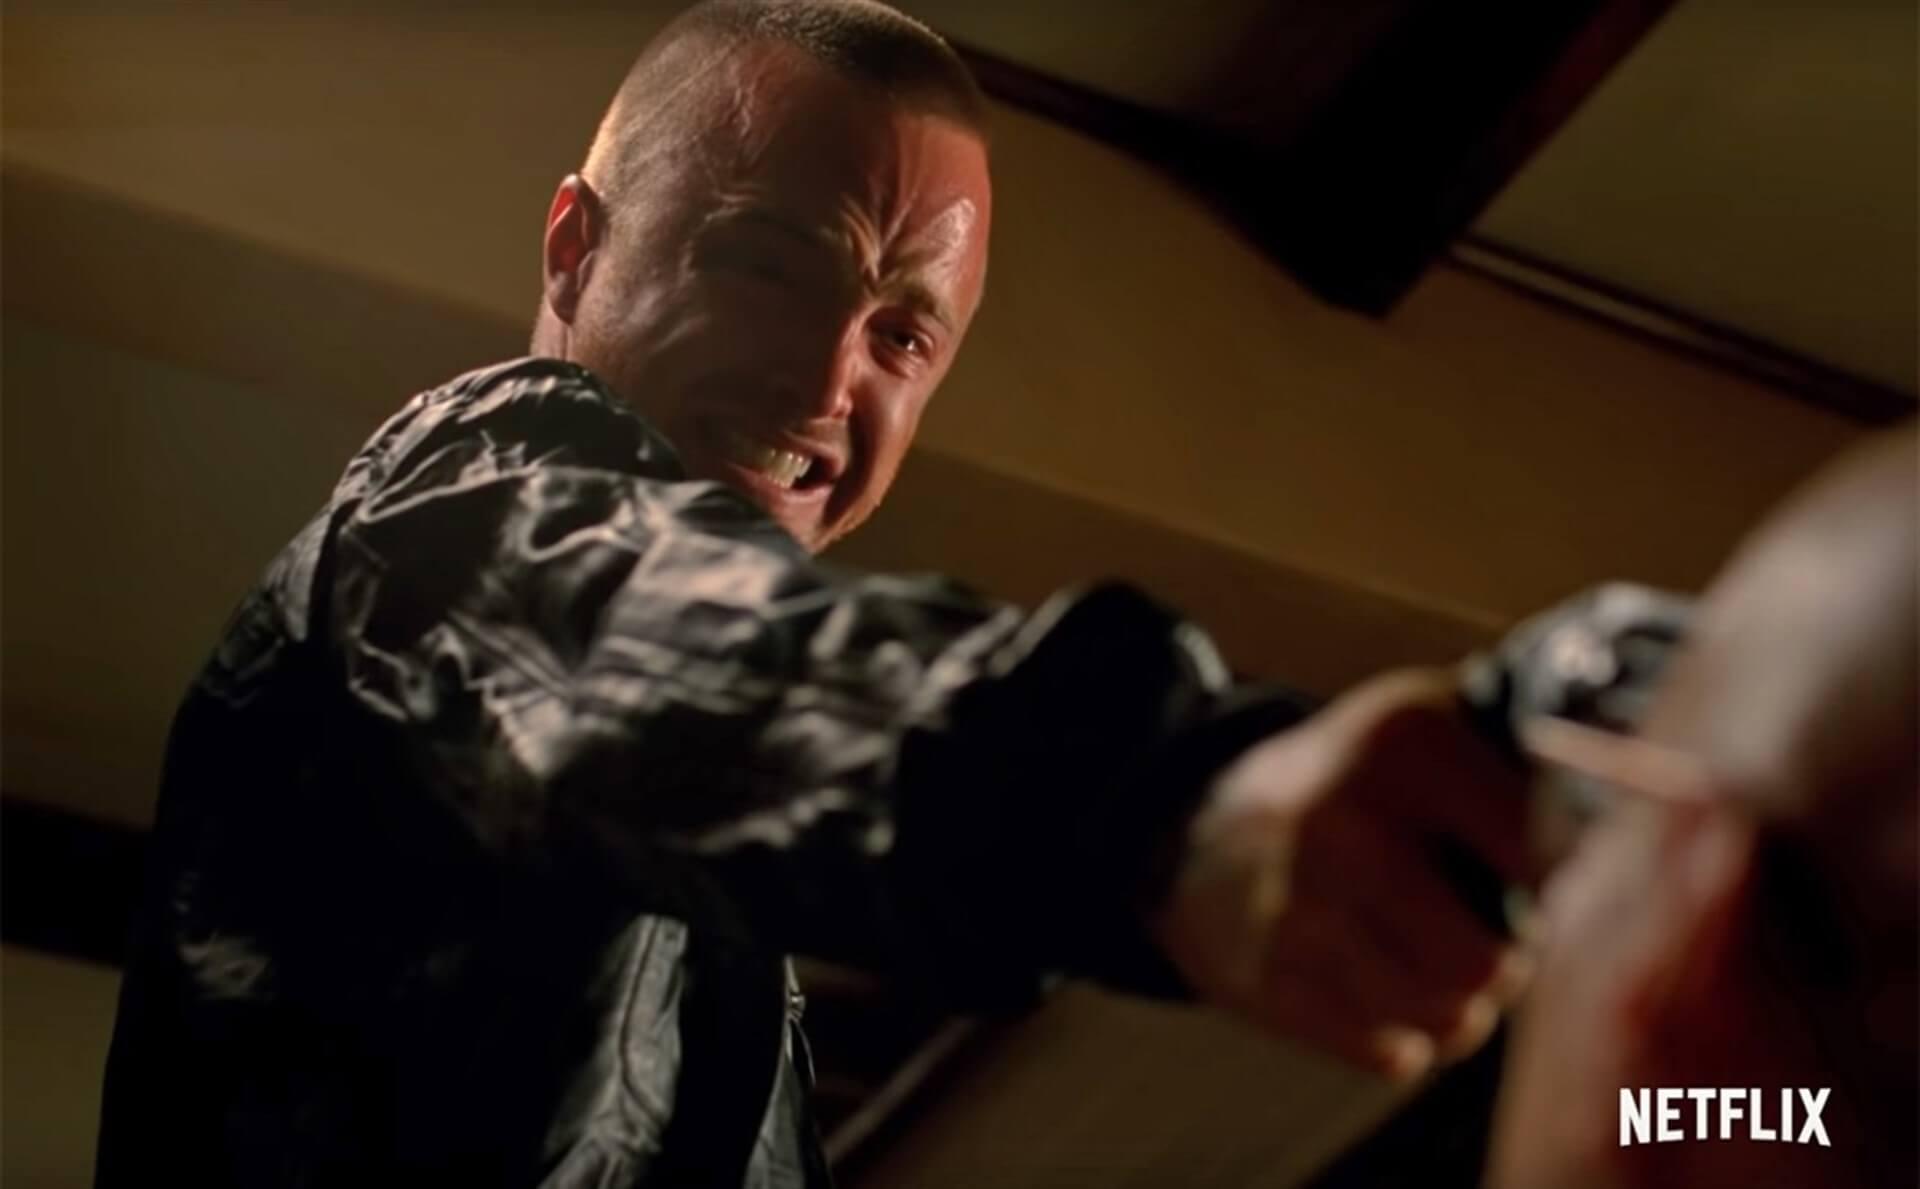 Con video sobre Jesse Pinkman, Netflix prepara lanzamiento de película de «Breaking Bad»